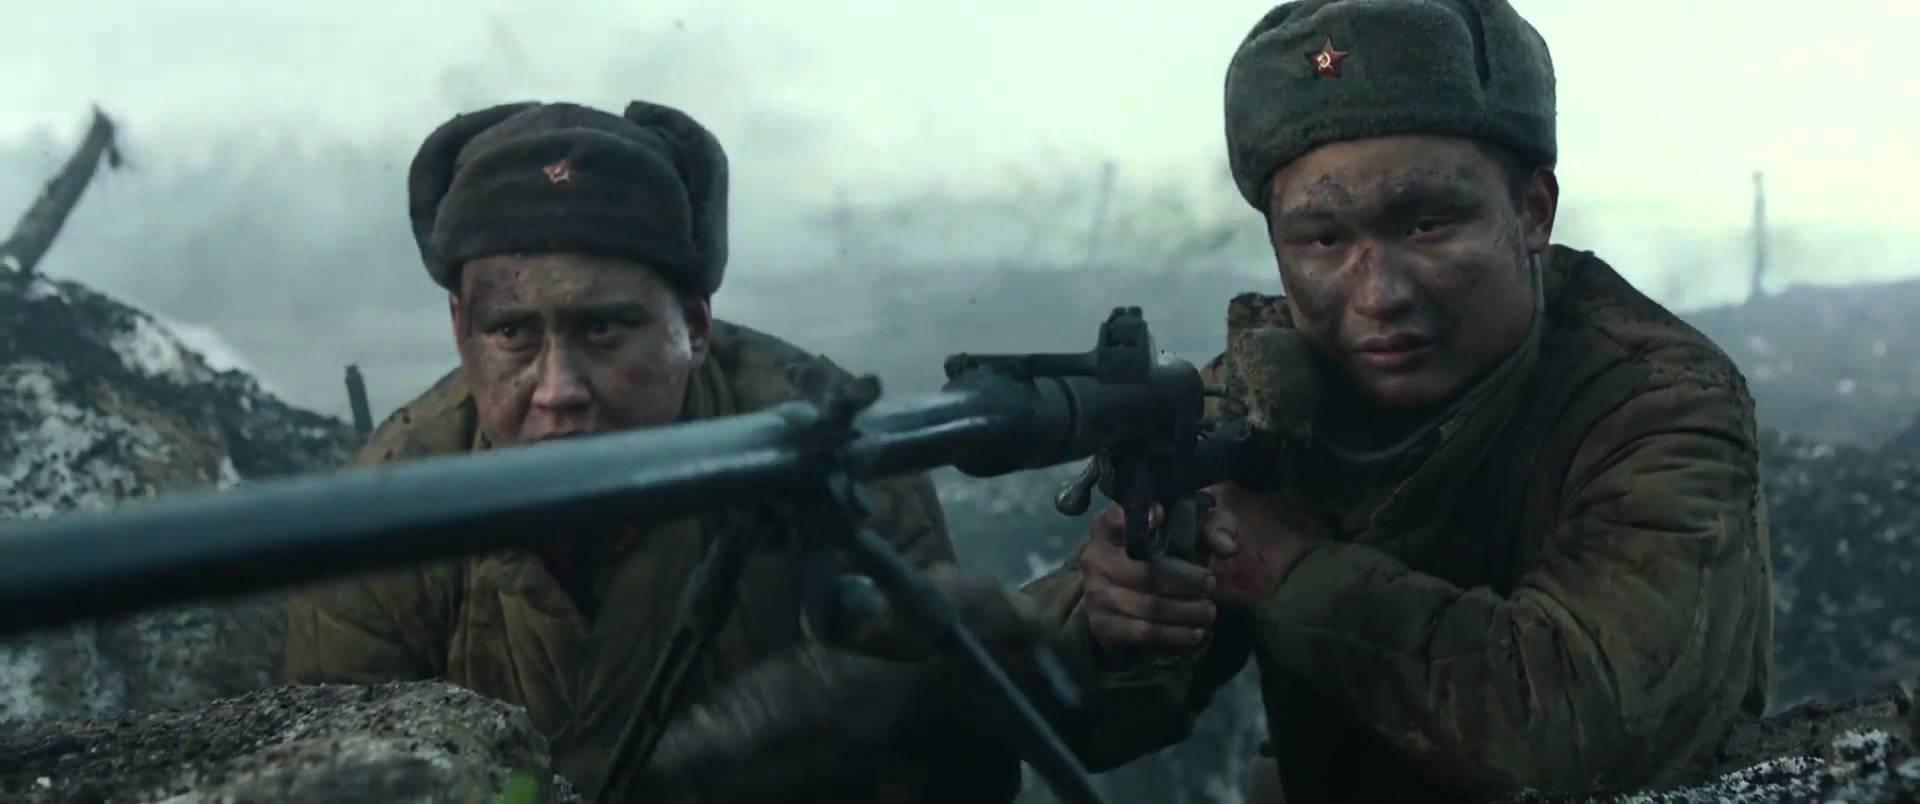 """Kinobest: """"28 Панфиловцев"""" 2016 - Изображение 3"""